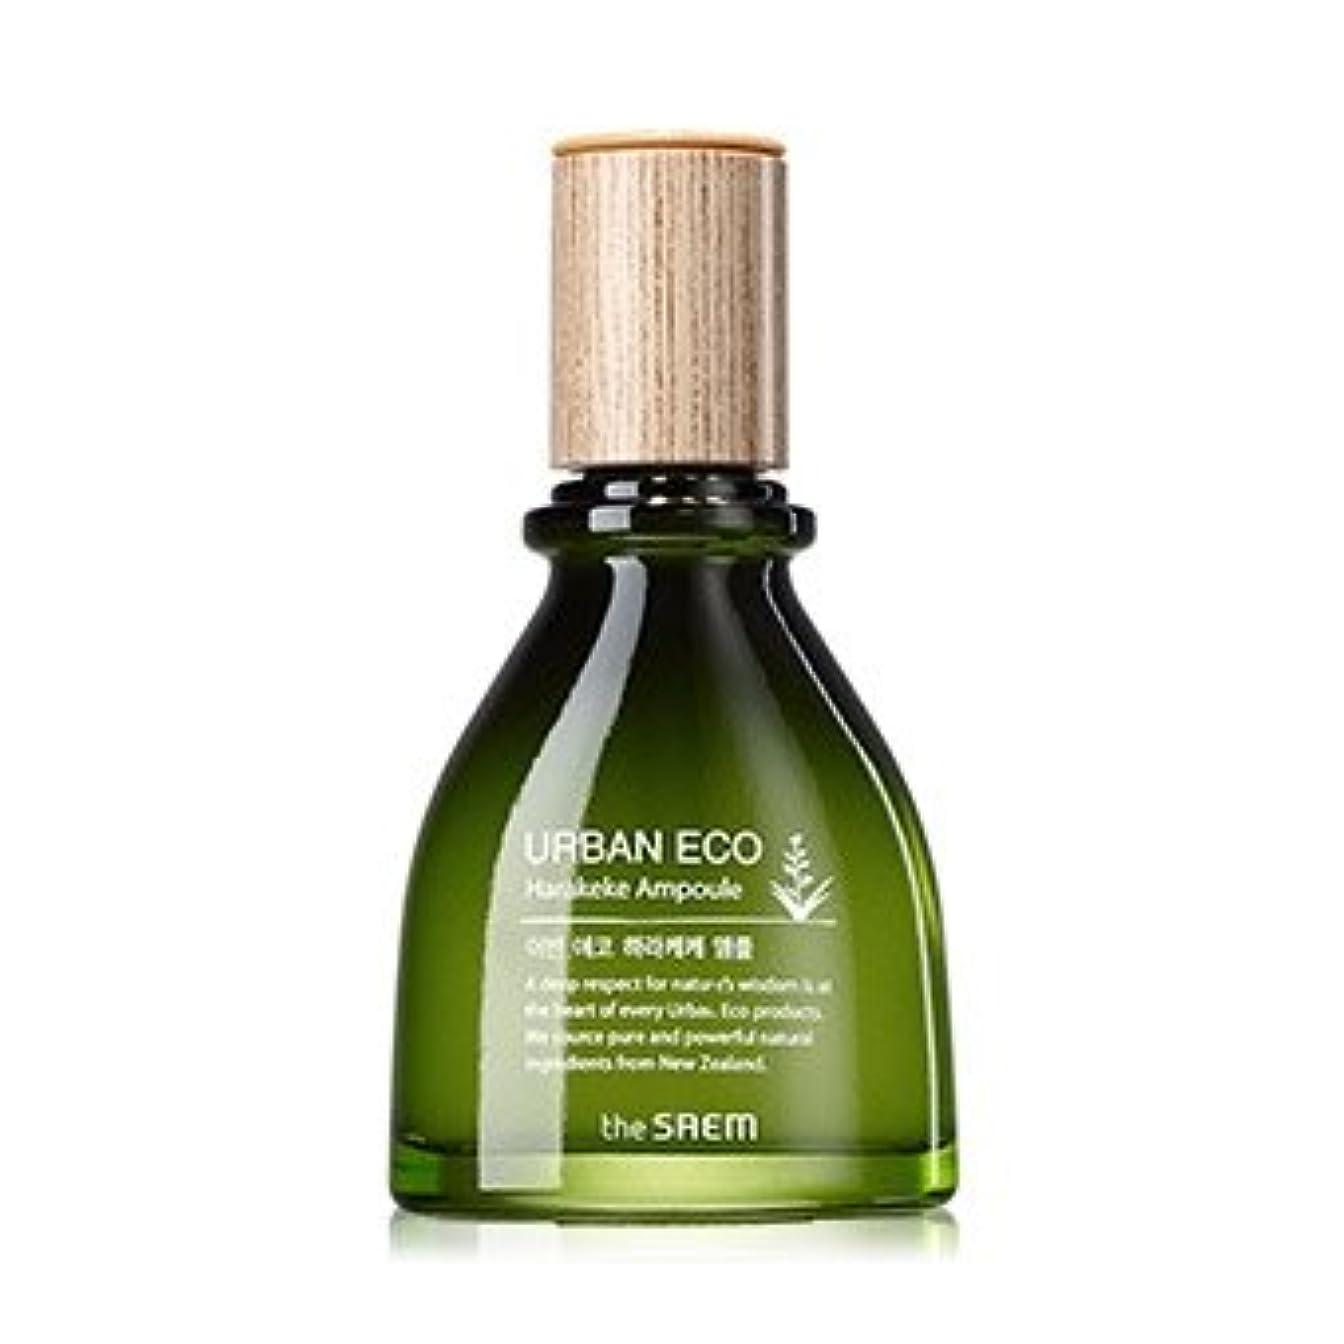 再発する肝発疹the SAEM Urban Eco Harakeke Ampoule 45ml/ザセム アーバン エコ ハラケケ アンプル 45ml [並行輸入品]